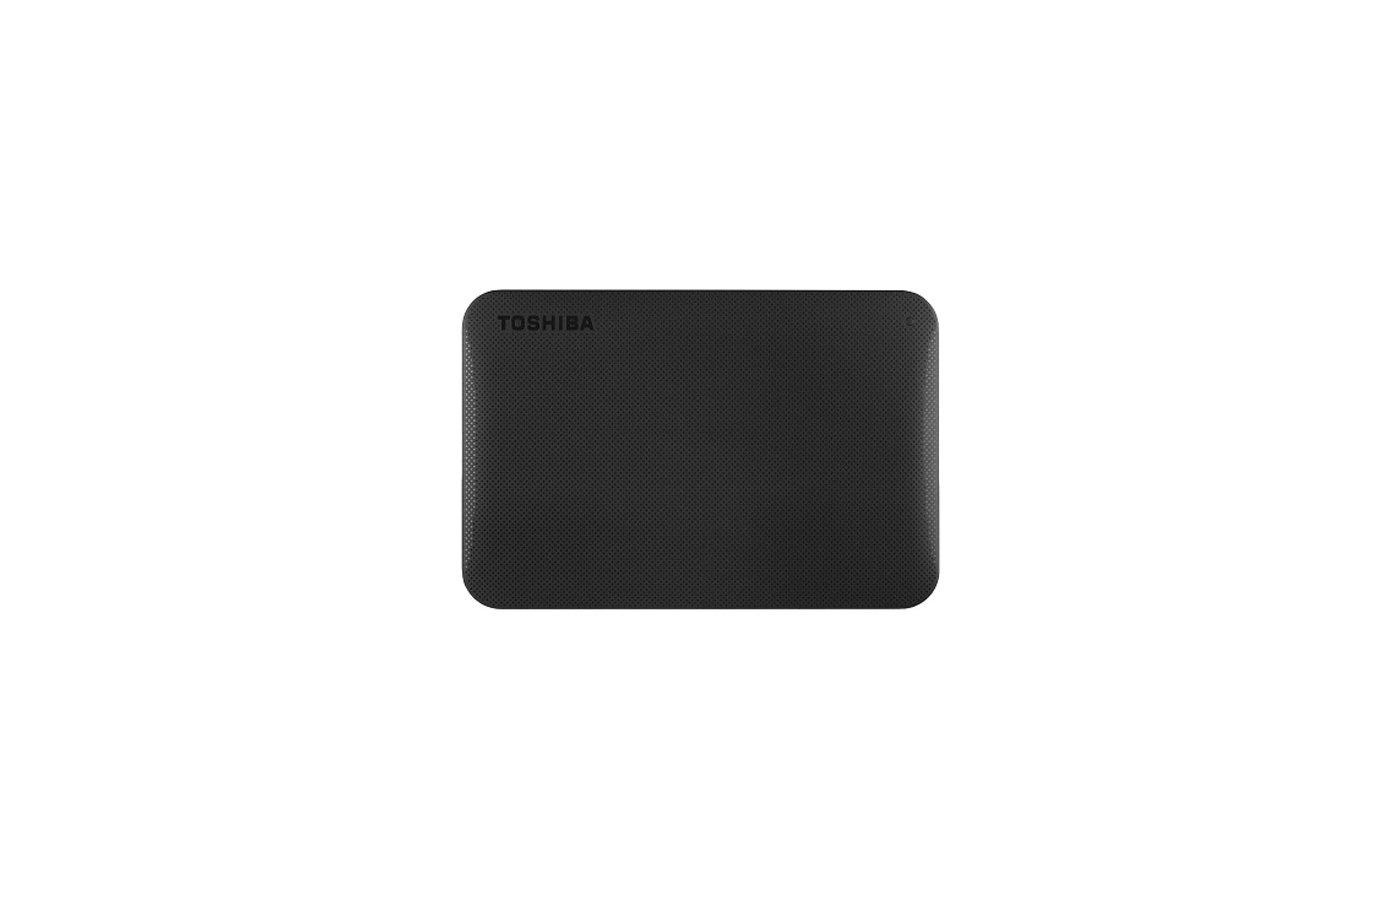 Внешний жесткий диск Toshiba HDTP210EK3AA USB 3.0 1Tb Canvio Ready 2.5 черный